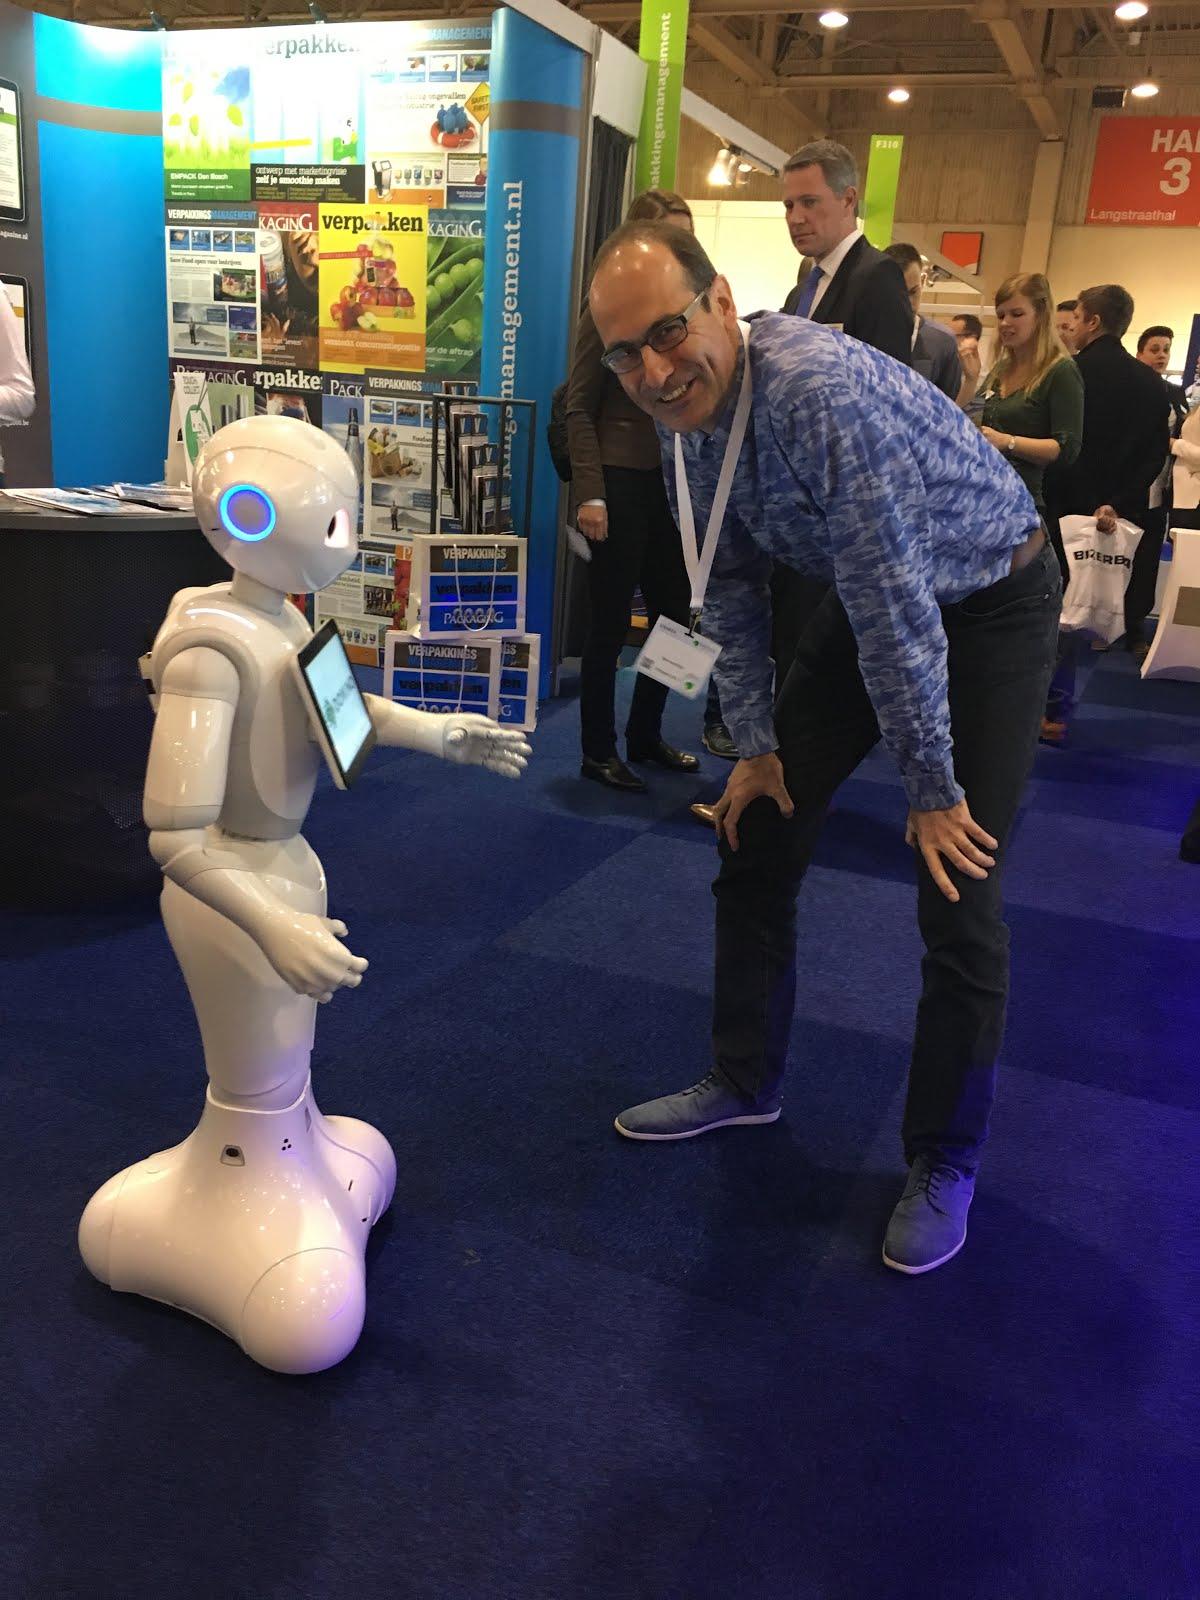 Robot Pepper en ik